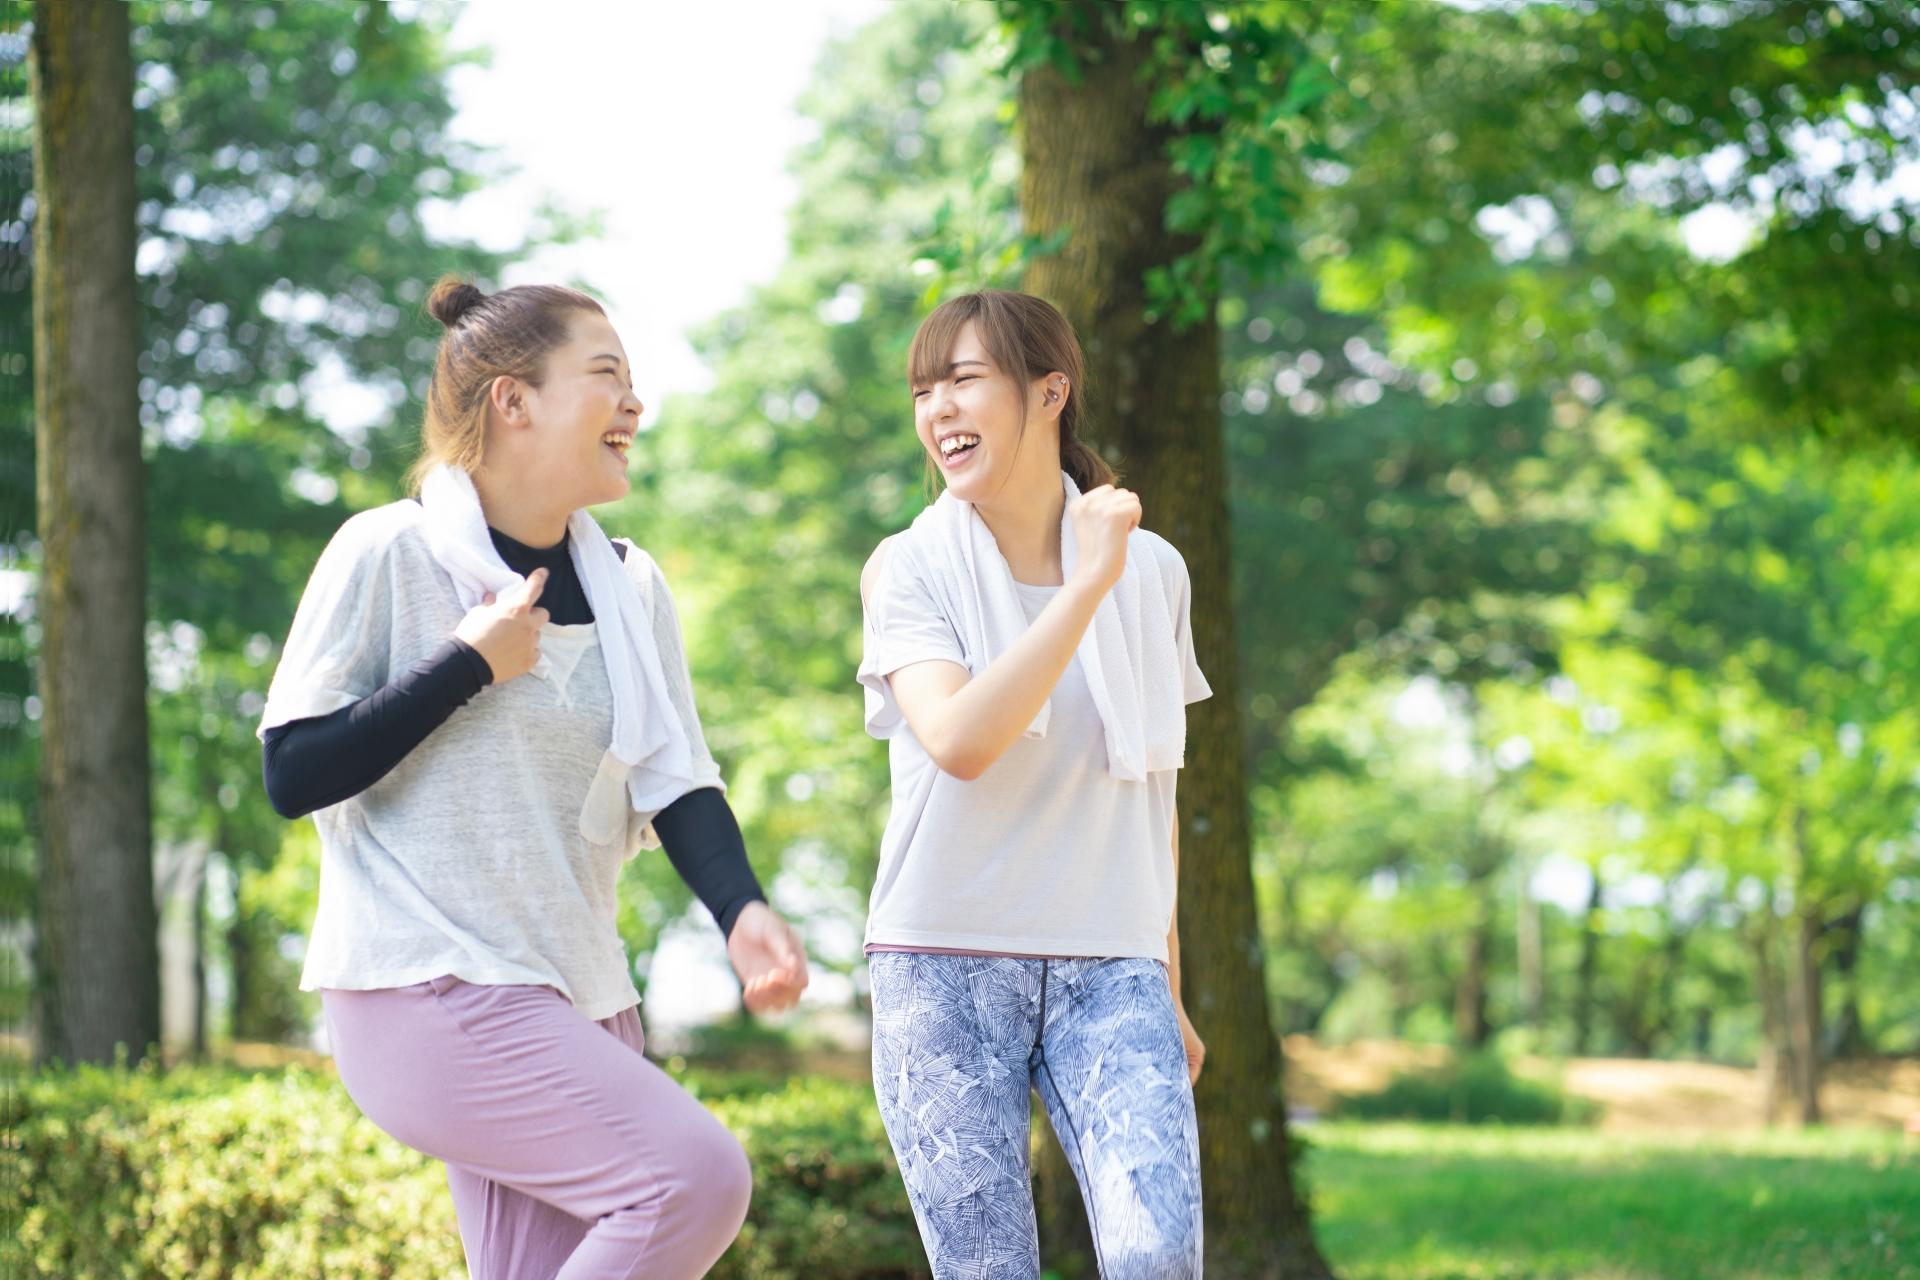 内臓脂肪は有酸素運動で減らす!気軽に始められる運動習慣